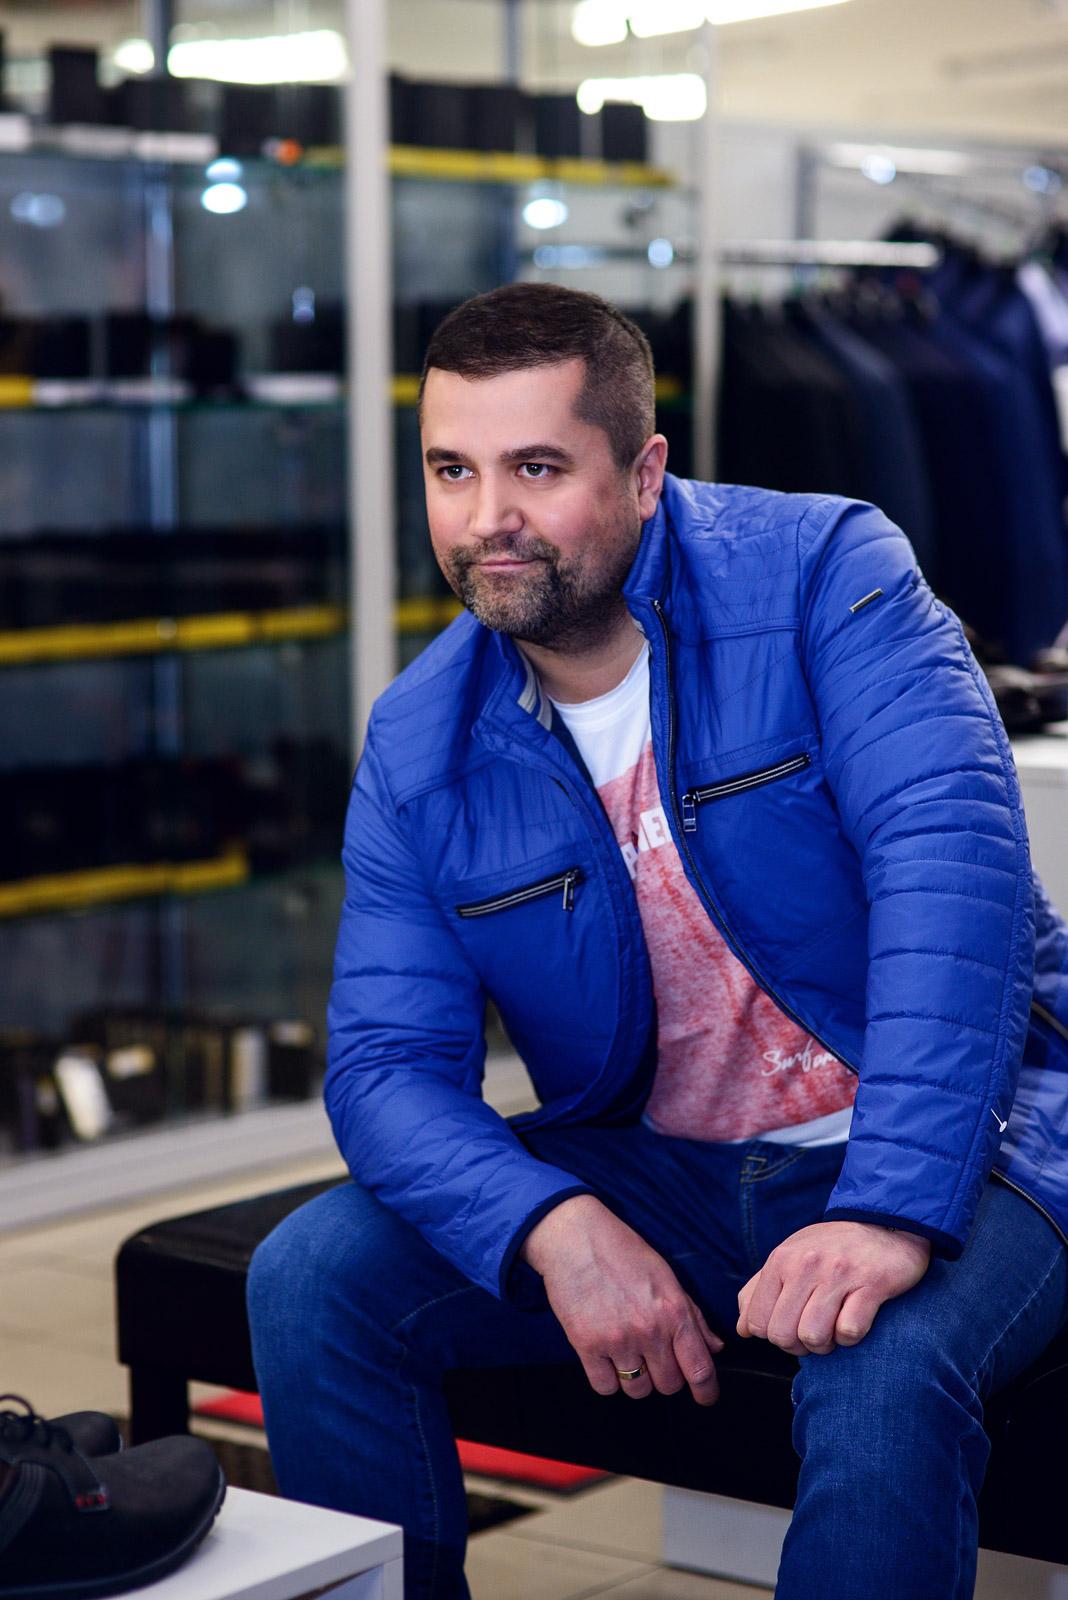 kurtka Jupiter 549 zł t-shirt Pioneer 79,90 spodnie Pierre Cardin 329 zł   Łukasz Machocki